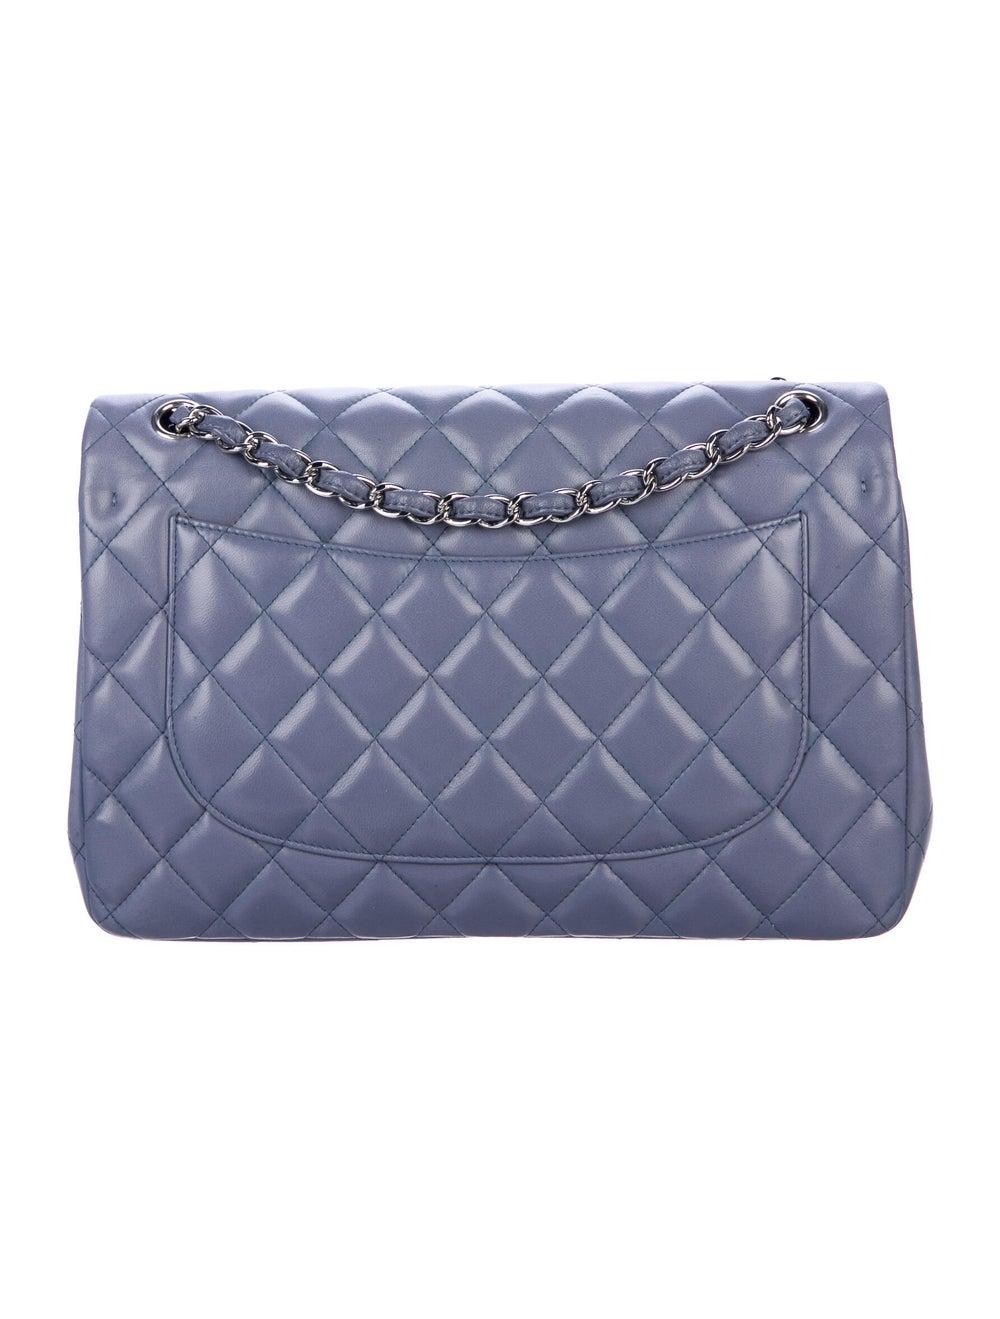 Chanel Classic Jumbo Double Flap Bag Purple - image 4